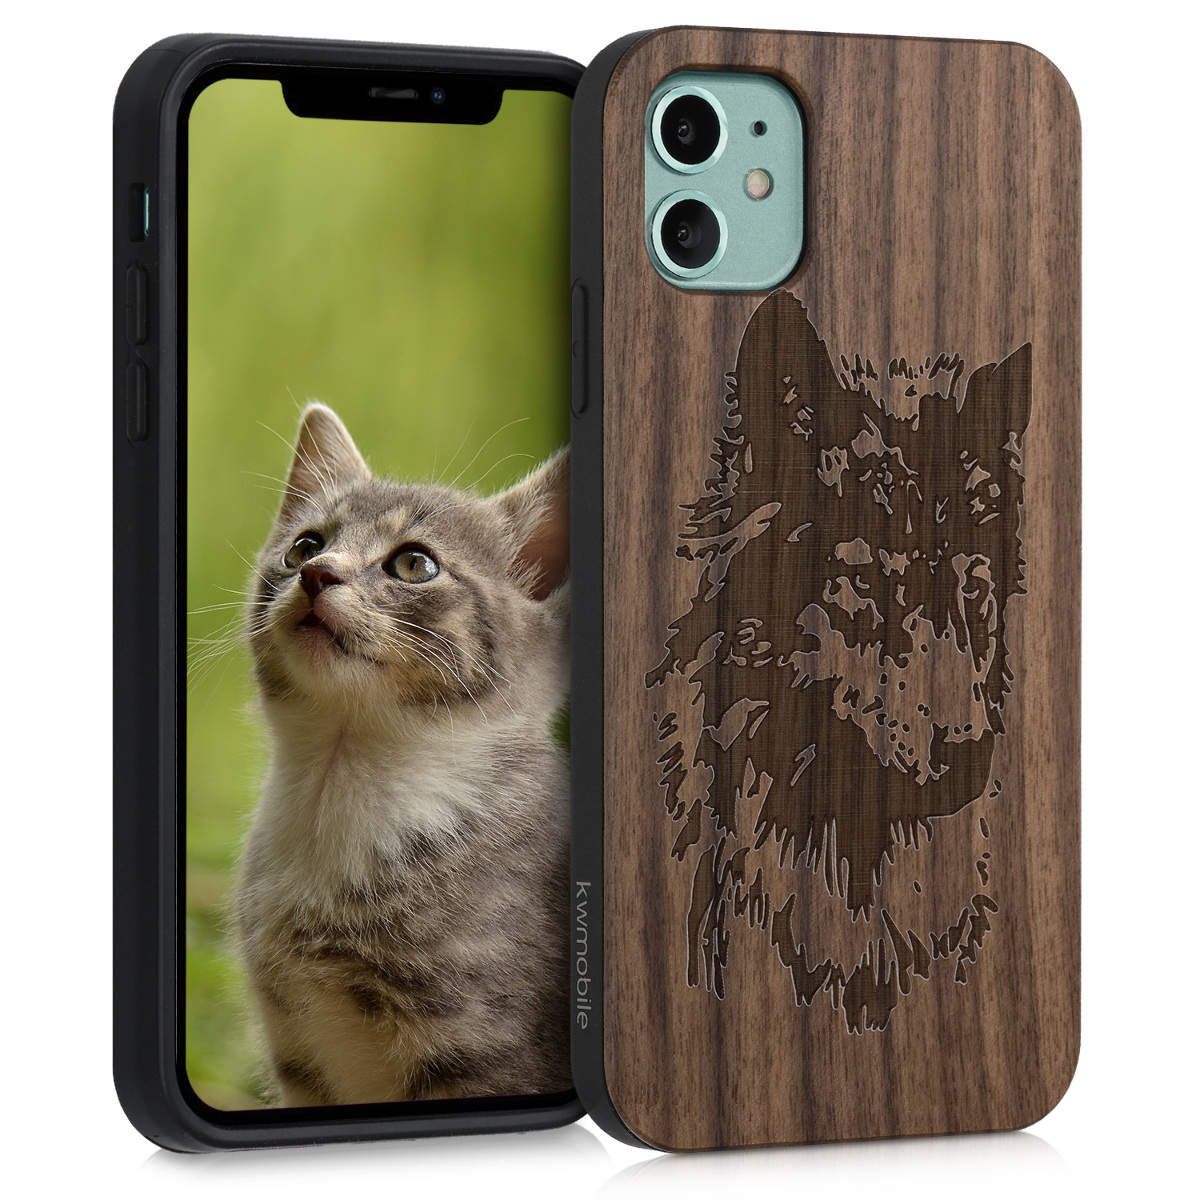 Dřevěné pouzdro pro Apple iPhone 11 - Wolf Head Brown | Tmavě hnědá